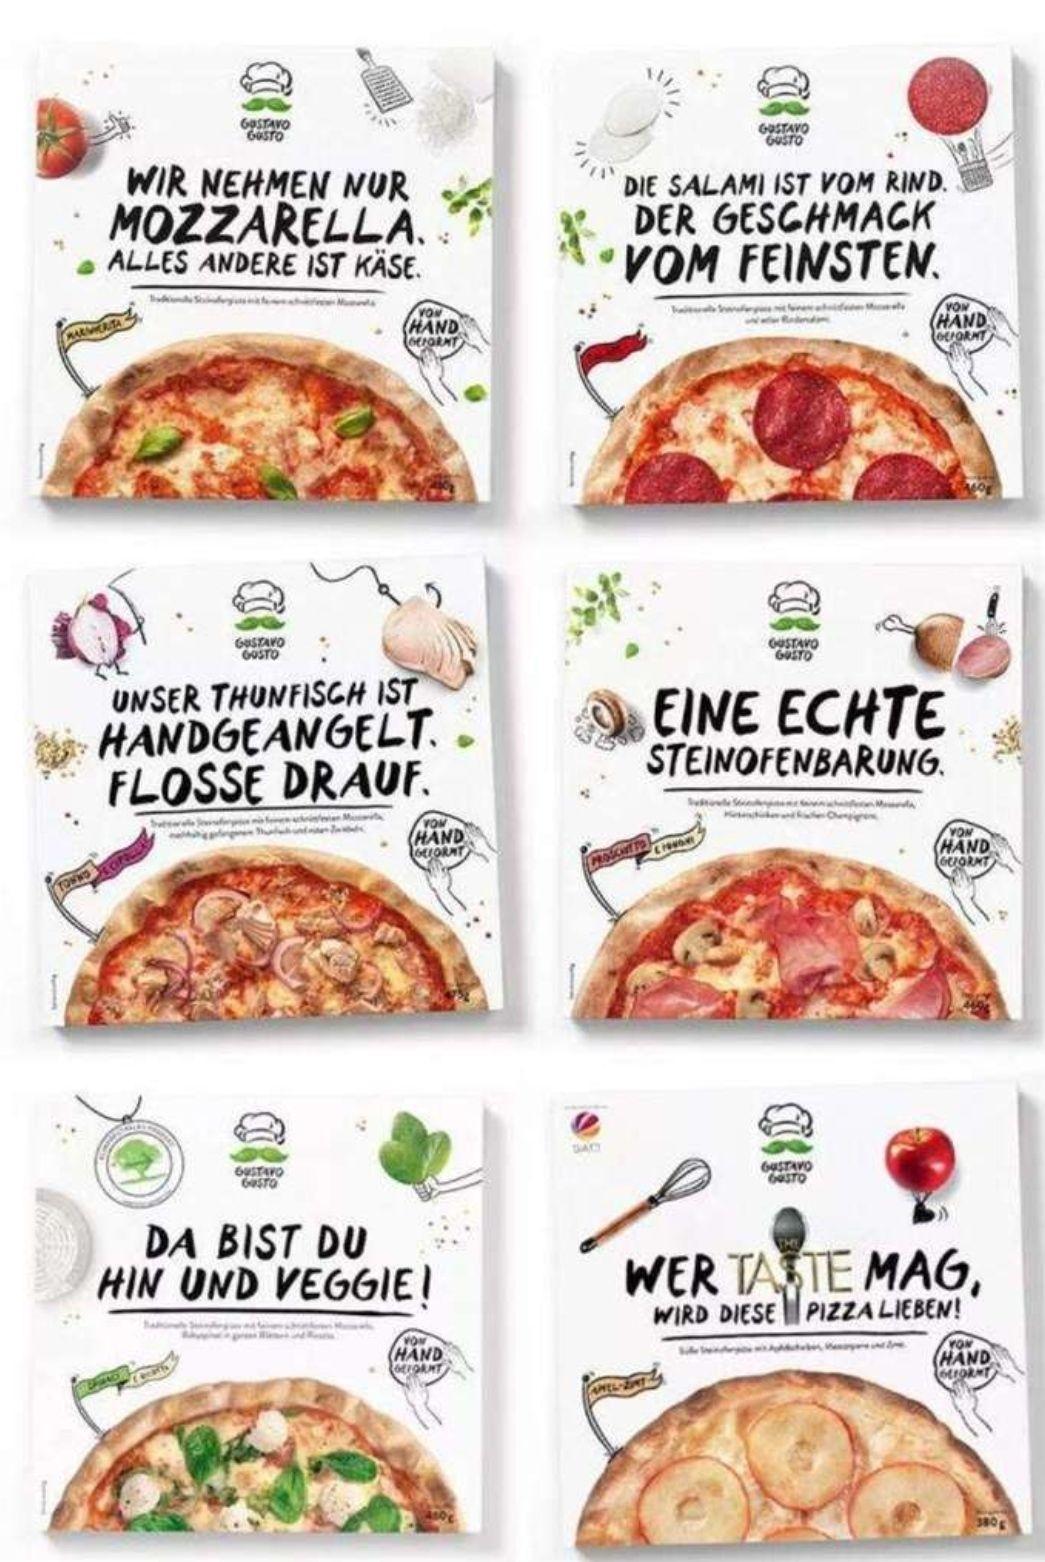 [Real] Gustavo Gusto Pizza verschiedene Sorten mit Marktguru Cashback für effektiv 2,99€